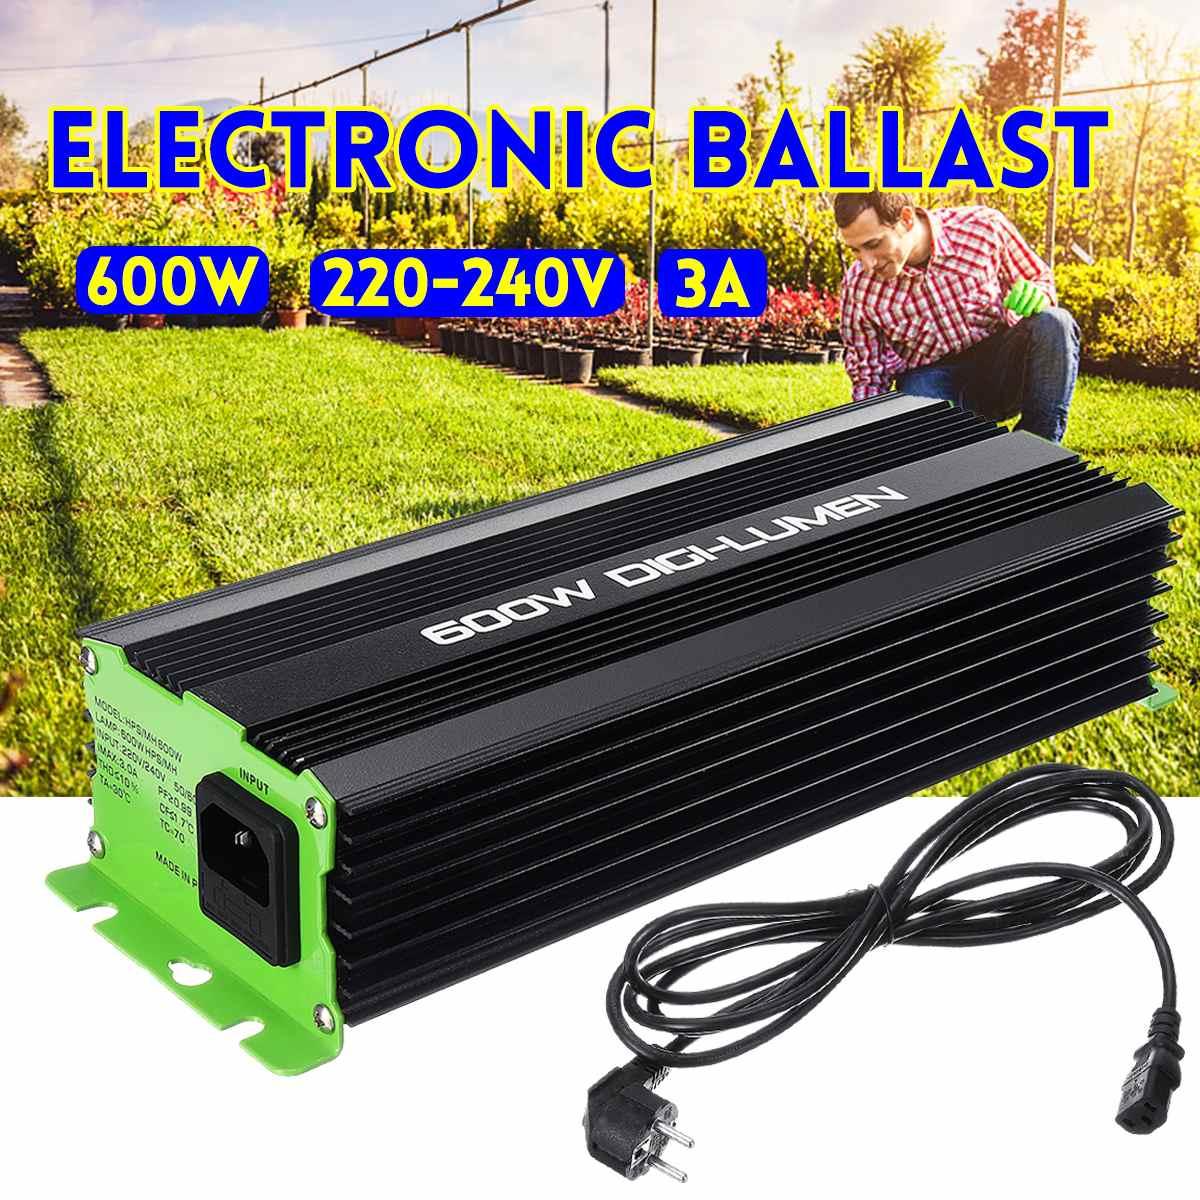 Digital 600W Ballasts for…